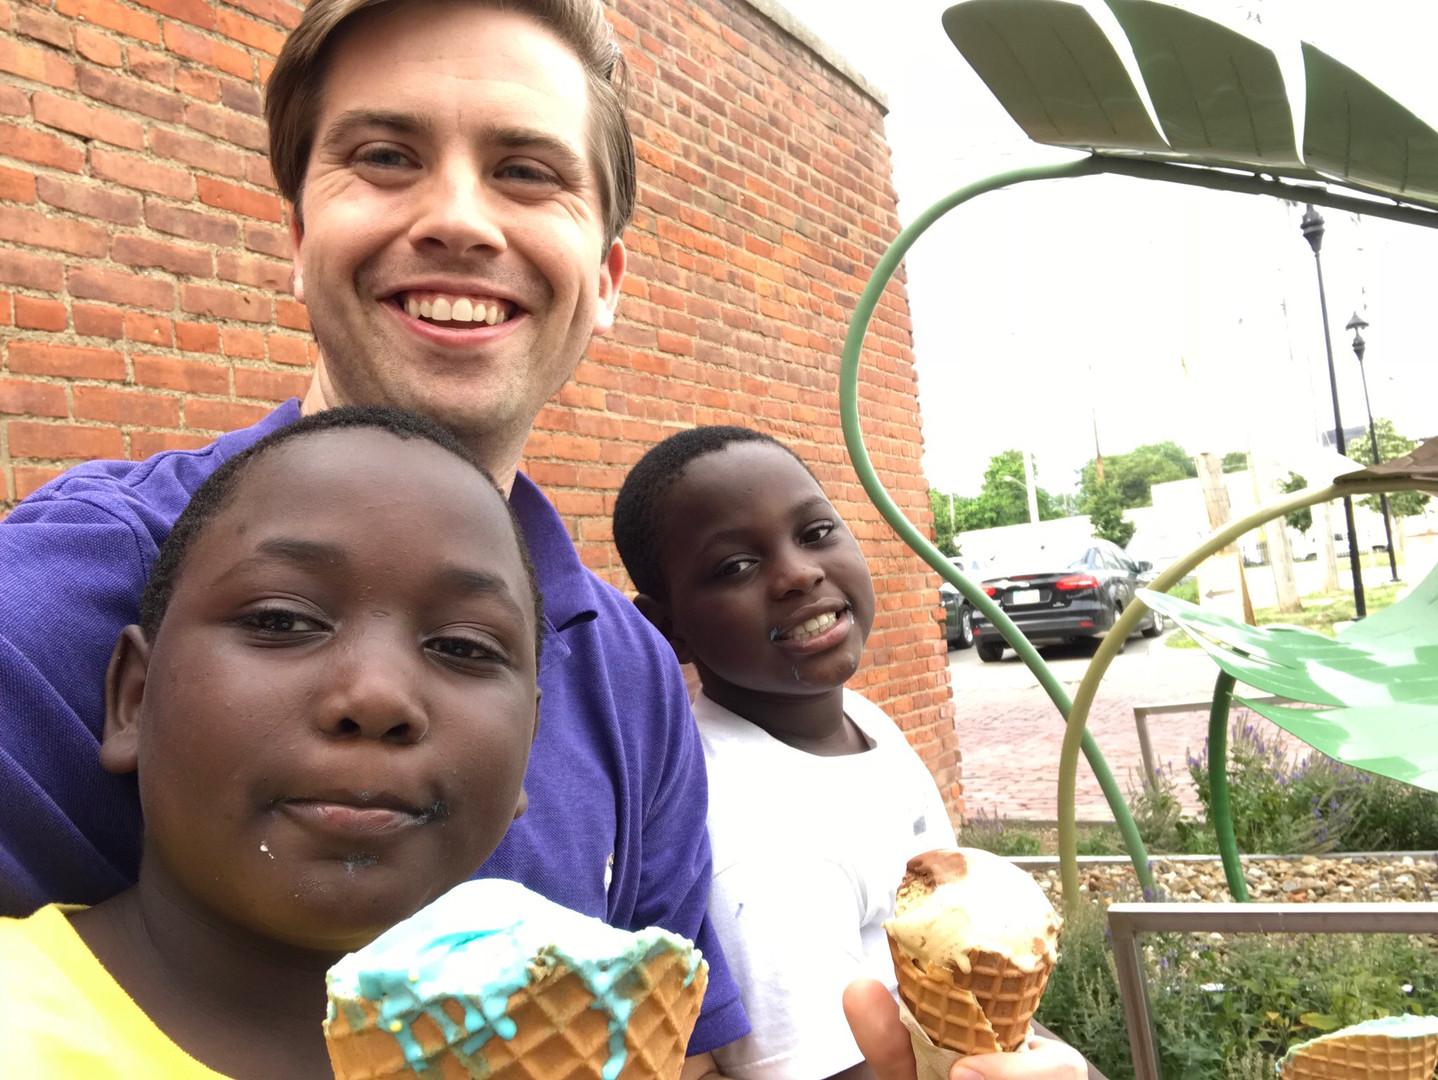 6.26.18 Obedi, Chris, Steven ice cream a